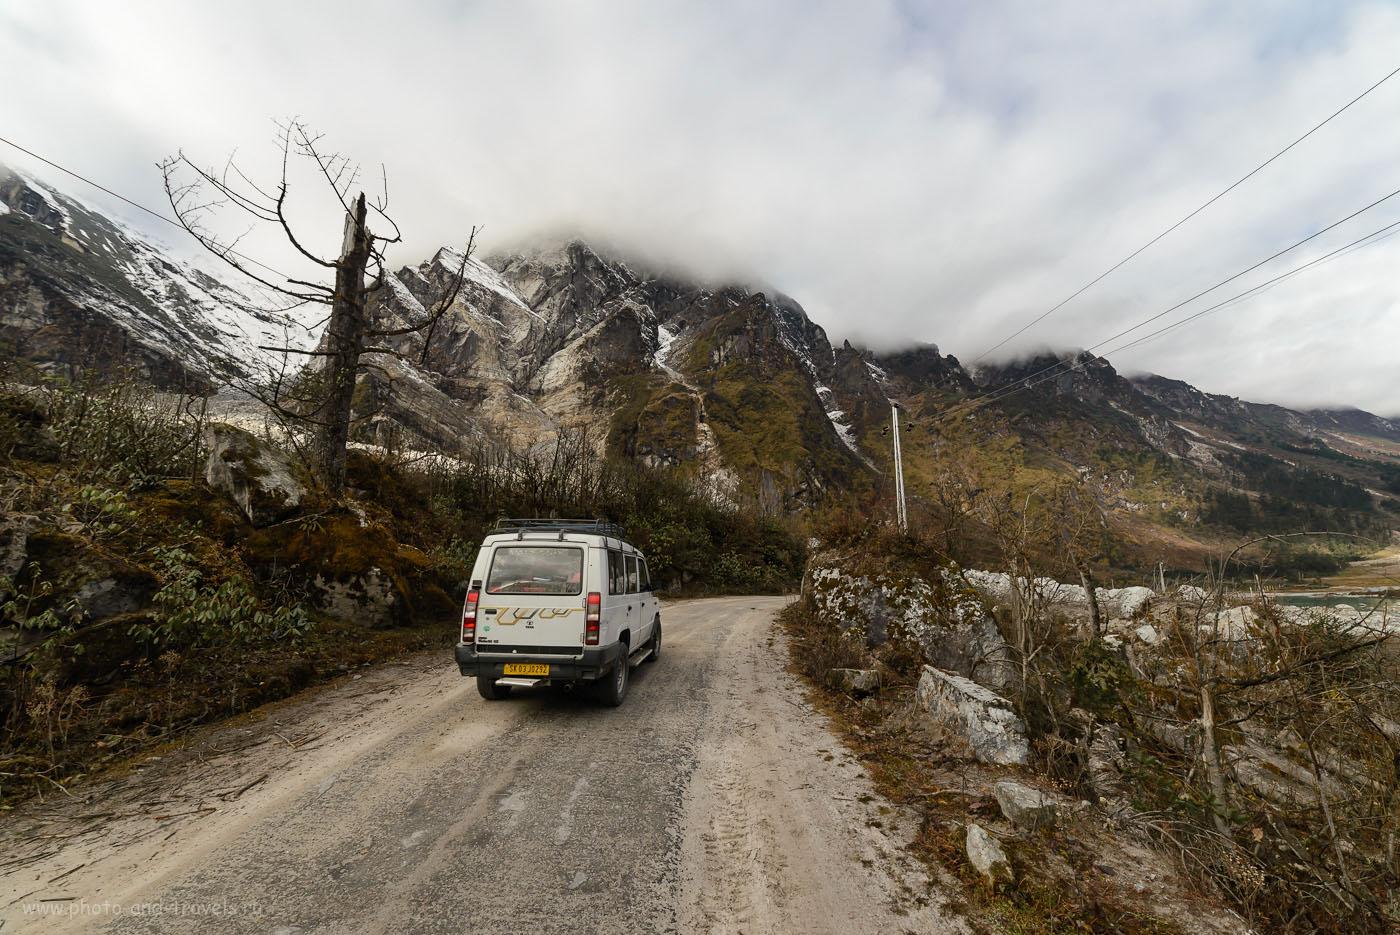 17. В волшебной стране высокогорья. Отзывы об экскурсии в долину Yumthang Valley в штате Сикким в Индии.  КамераNikon D610,ширикSamyang 14/2.8.Настройки: 8.0, 1/320, 160, -1.0EV, 14.